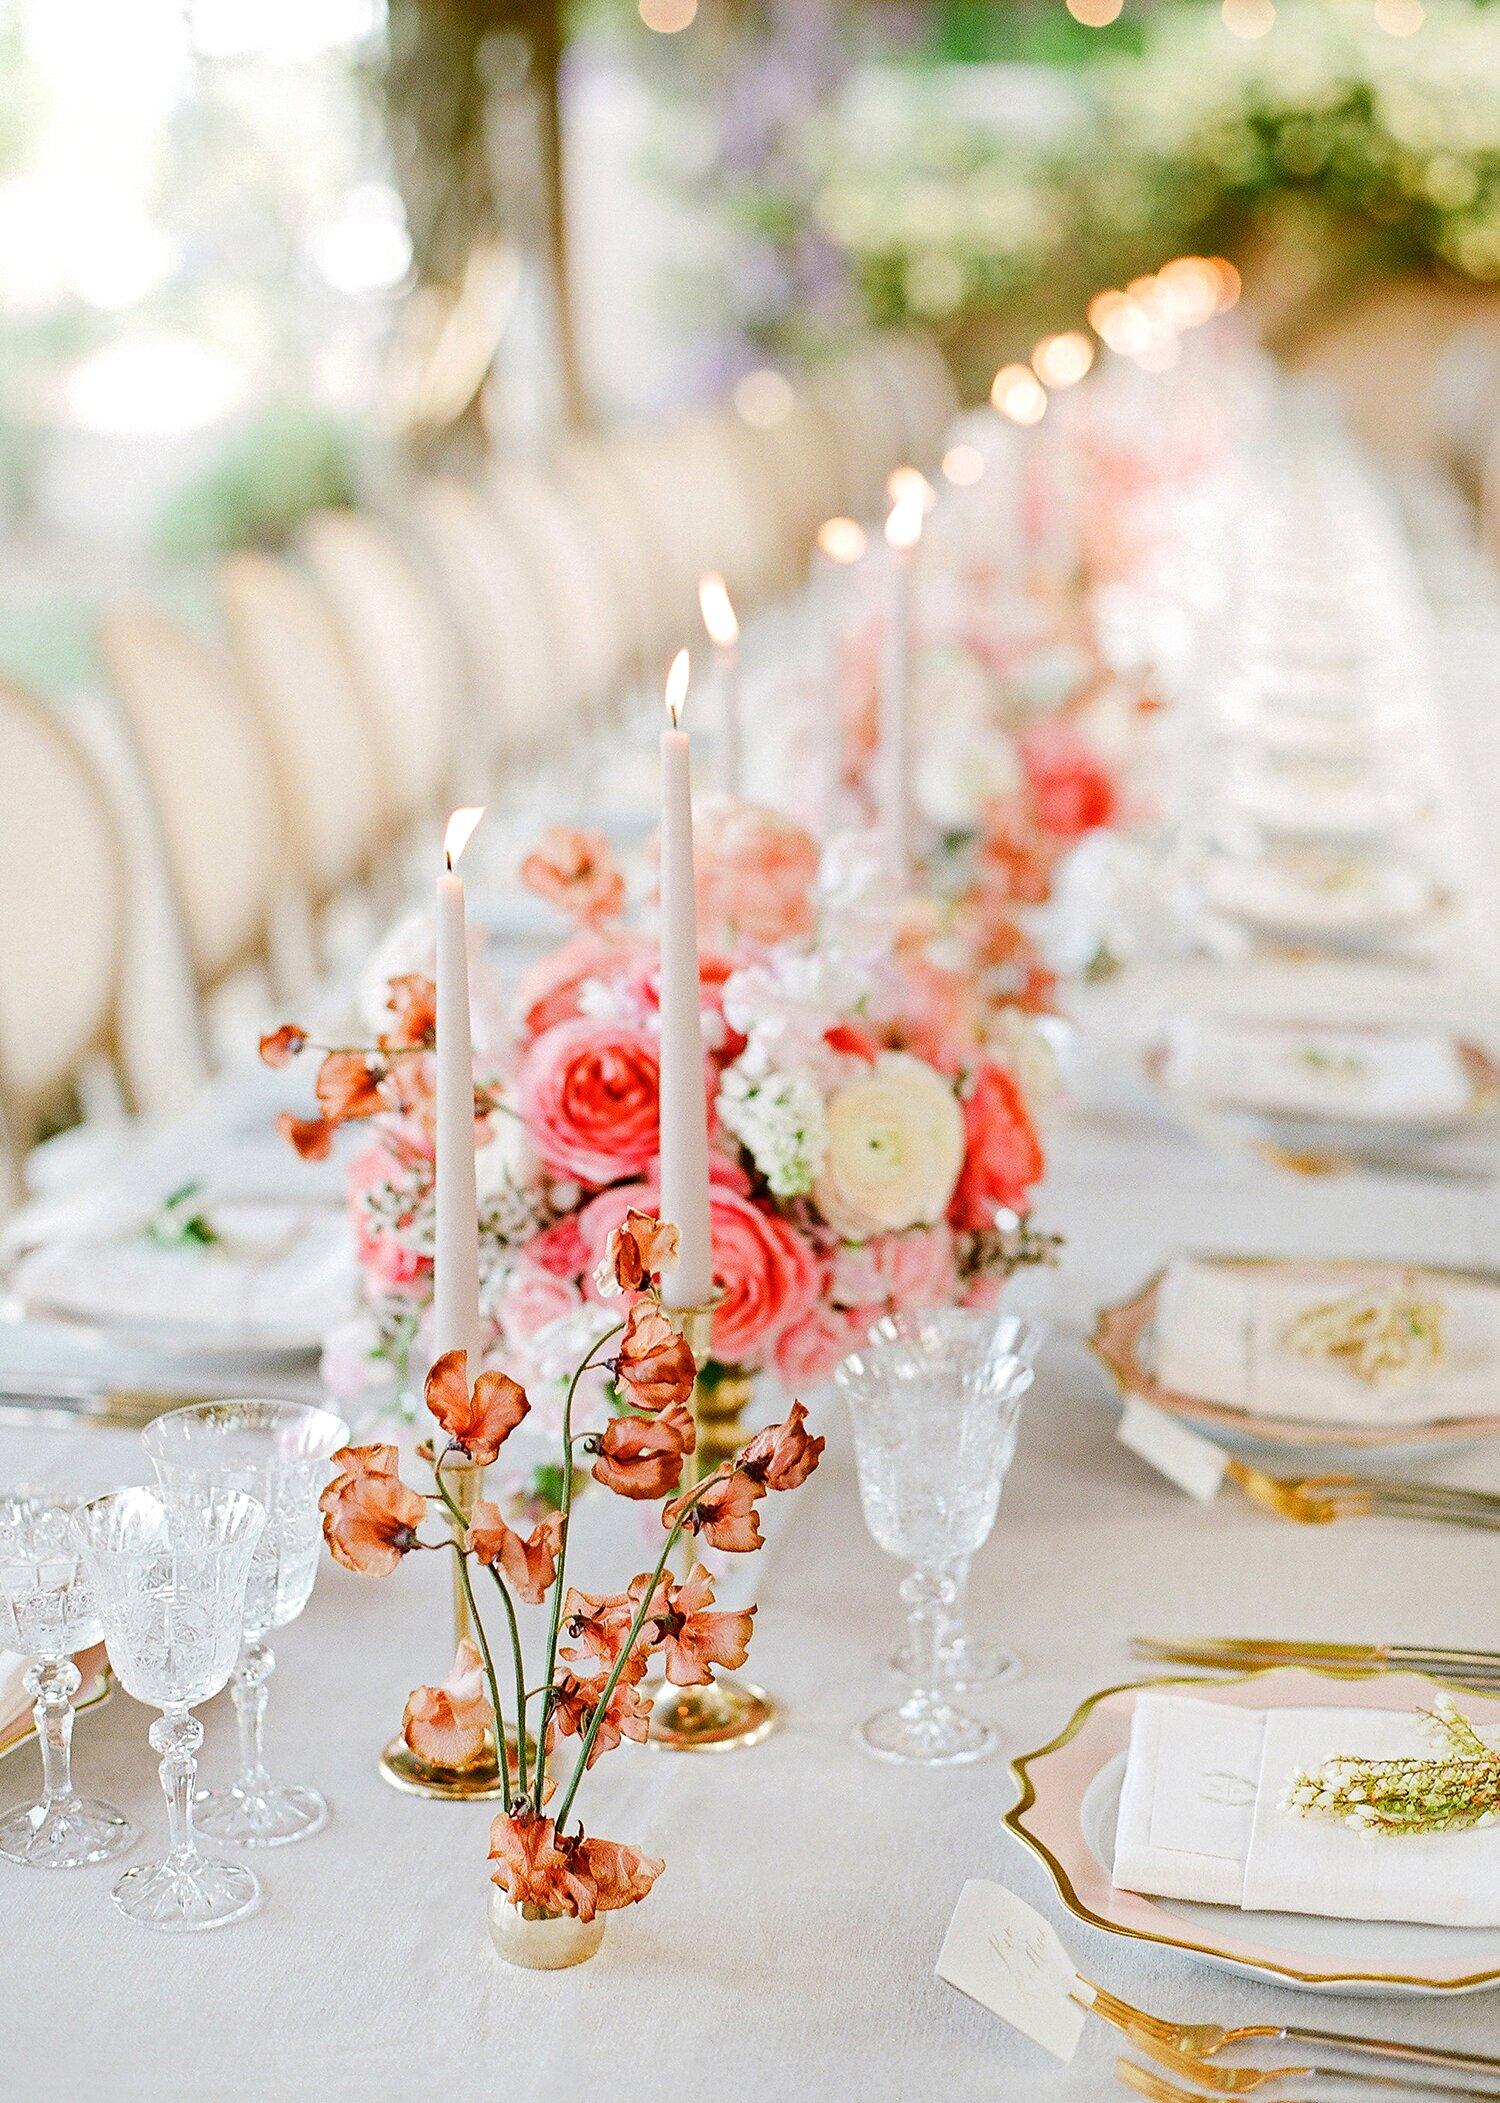 Spring Wedding Centerpieces We Love | Martha Stewart Weddings